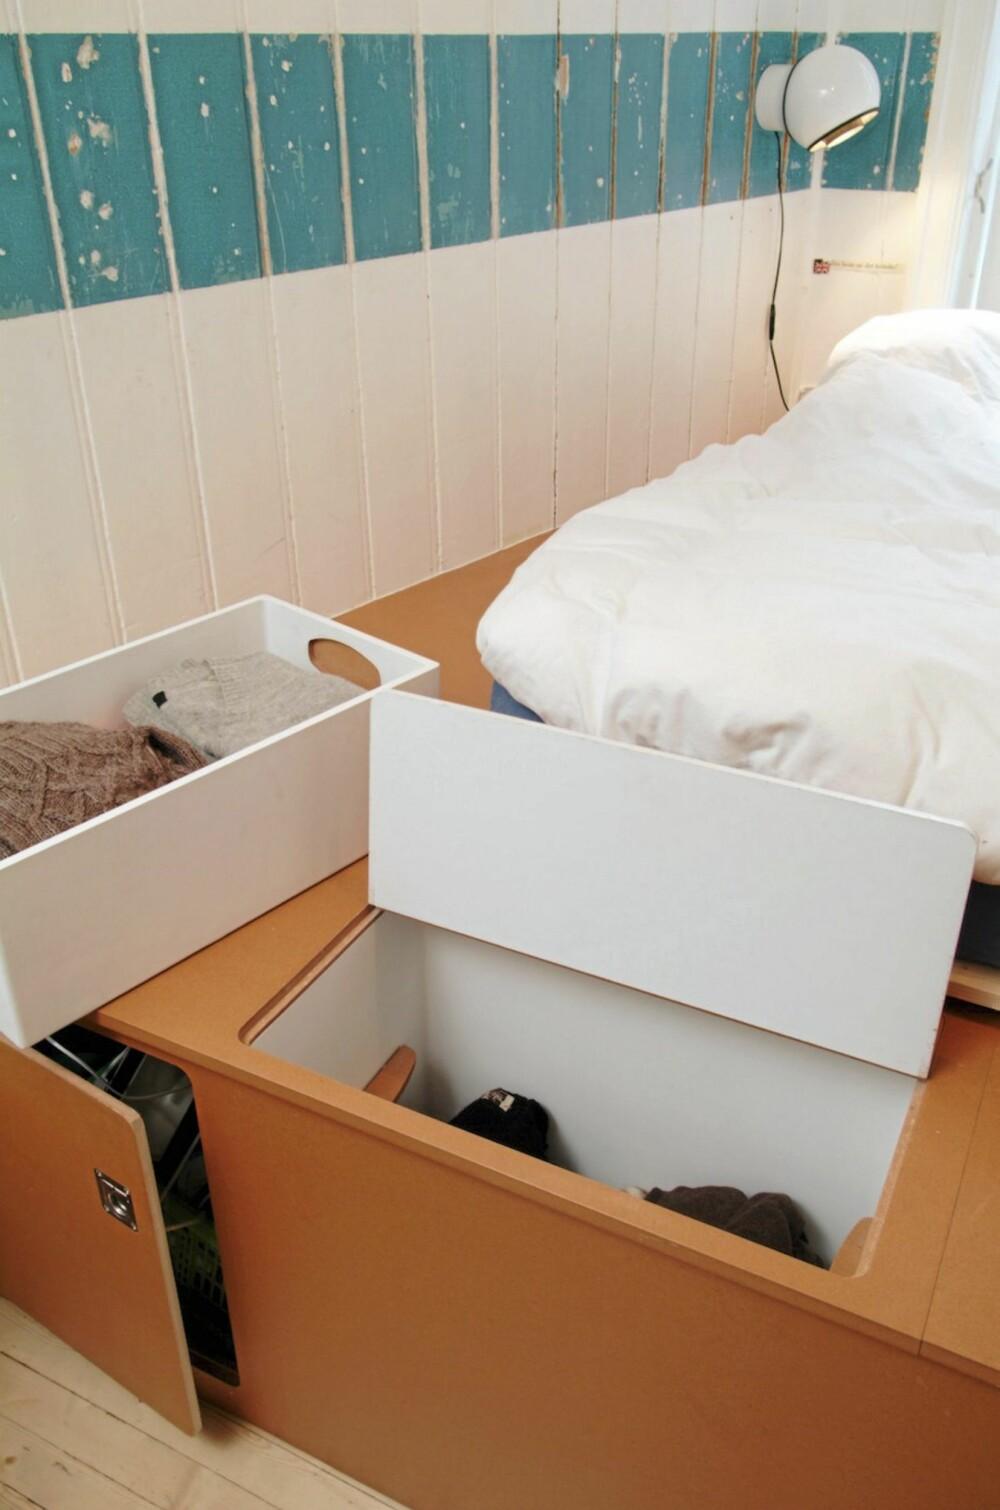 SKAP SOM I SEILBÅTER: Skapene under sengen er laget som plasseffektive, faste innredninger, slik som vi finner i blant annet båter. Legg merke til hvordan en stripe av den gamle, turkise veggen er  beholdt som dekor i rommet.